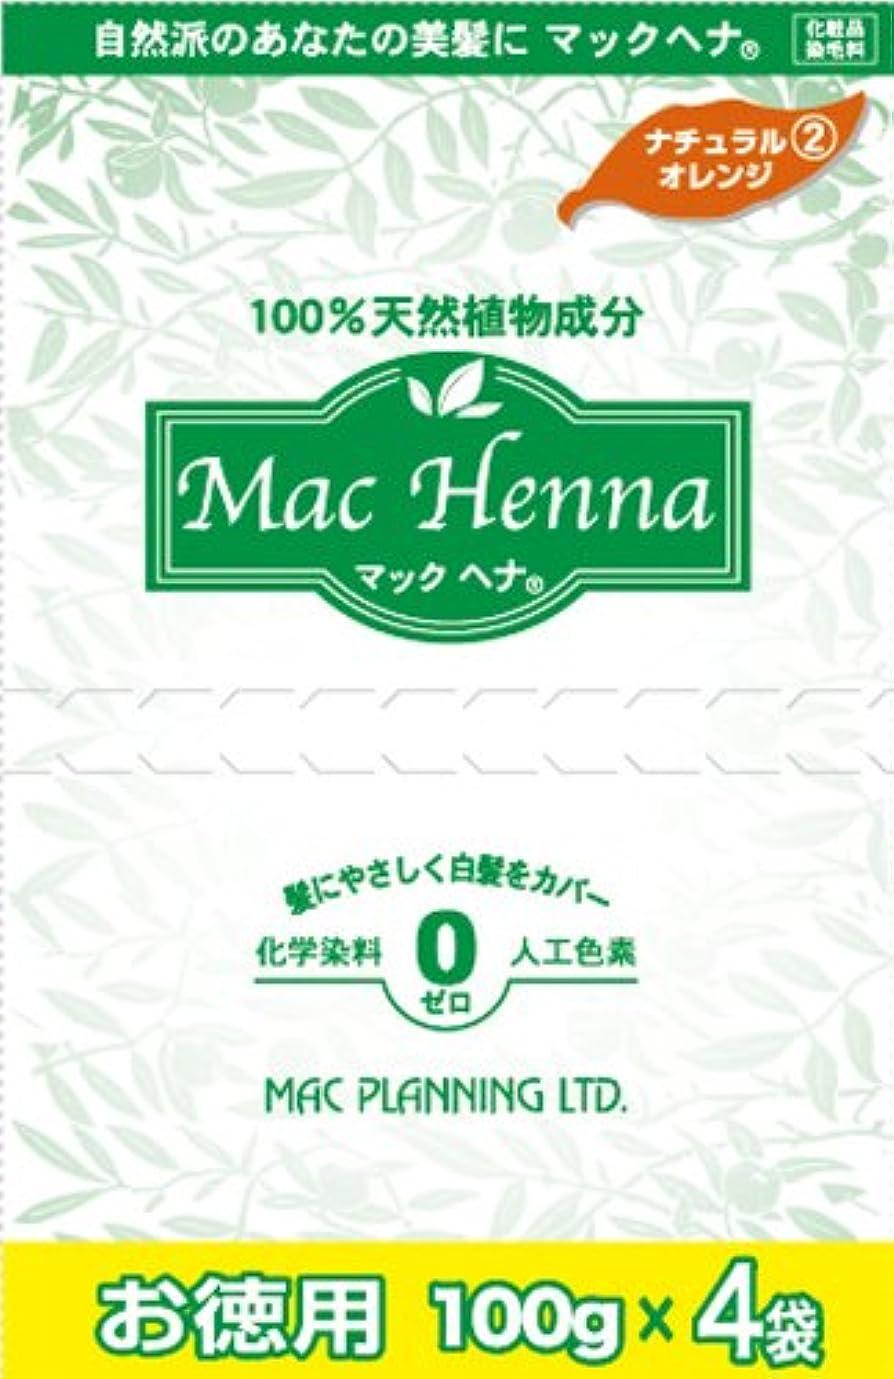 理解する夜明けに補助天然植物原料100% 無添加 マックヘナ お徳用(ナチュラルオレンジ)-2  400g(100g×4袋) 2箱セット